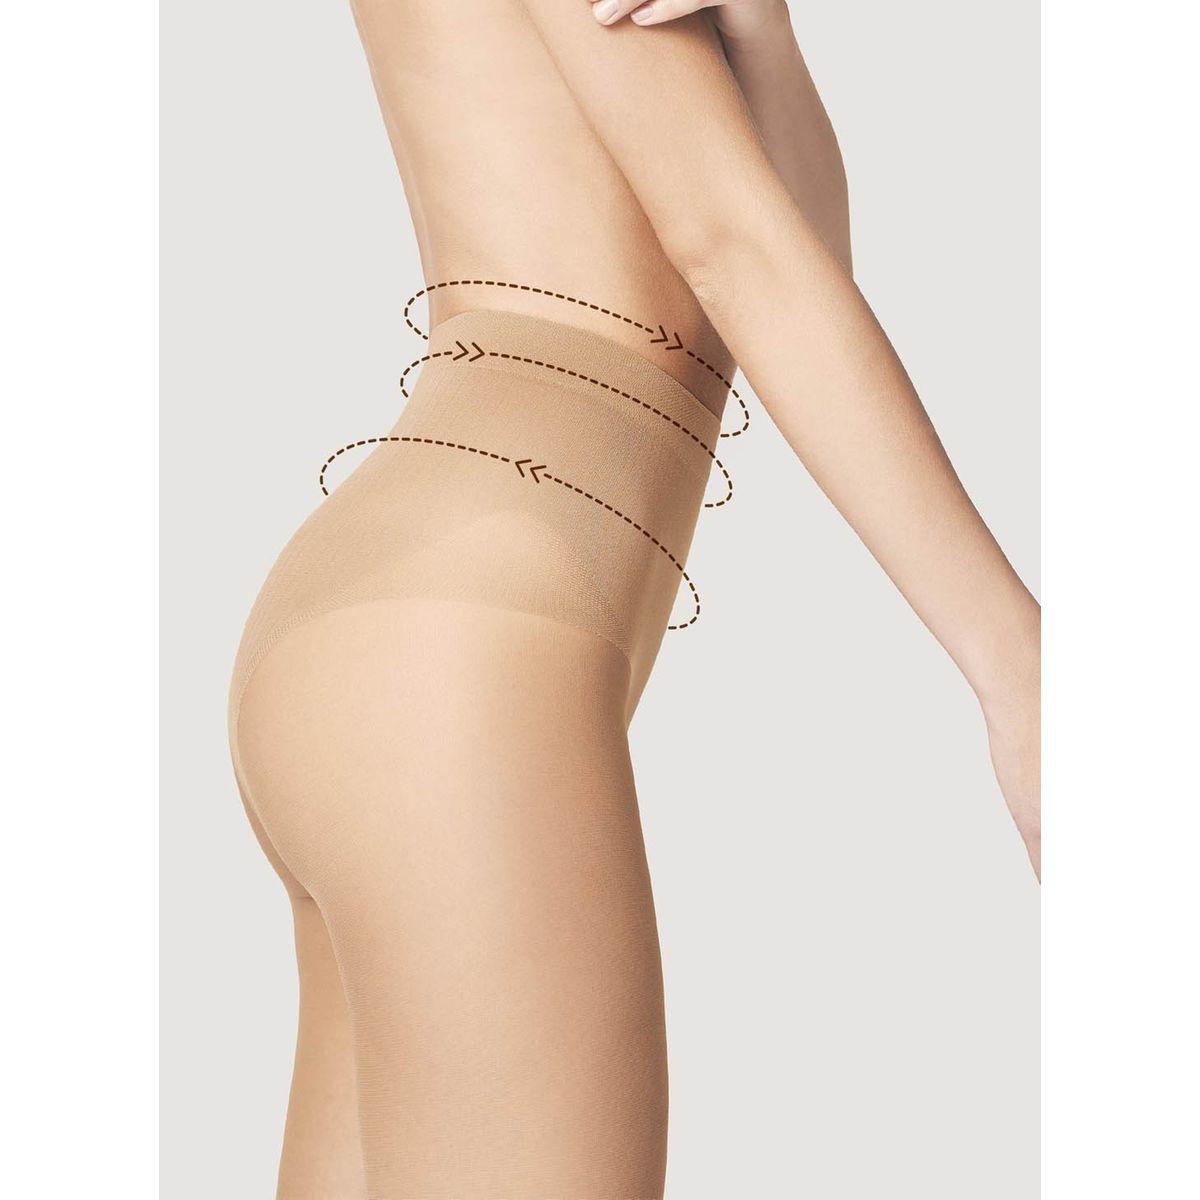 Collant Ventre Plat Fiore Bikini Fit  20D